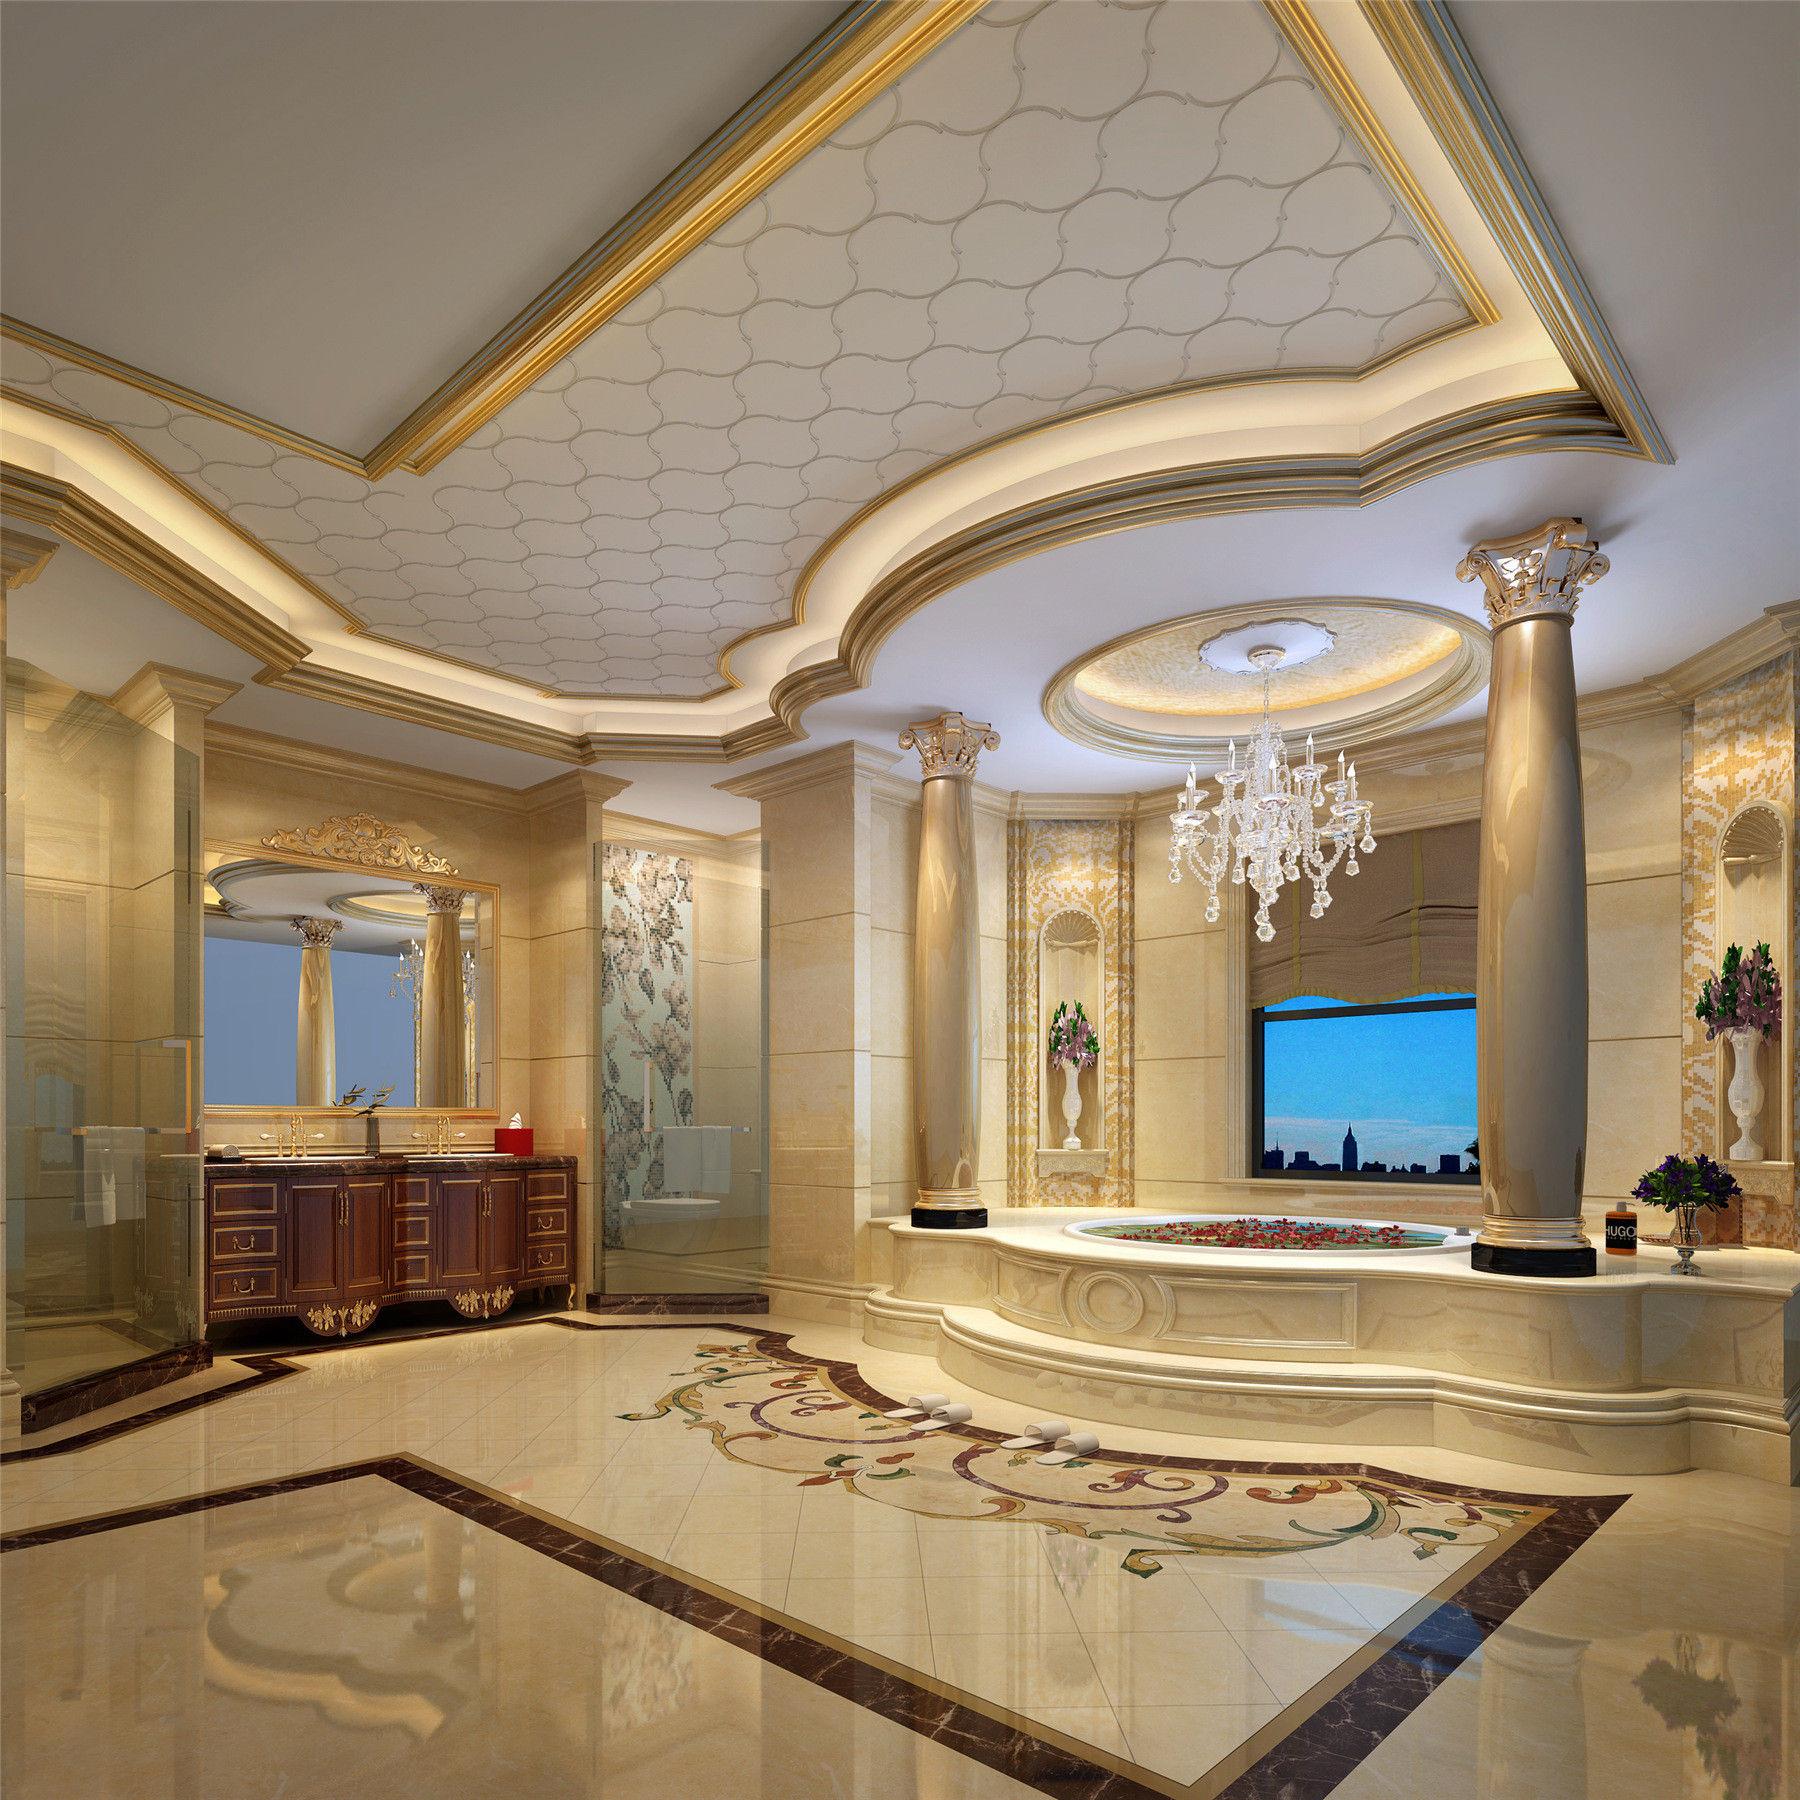 别墅装修 欧式古典 腾龙设计 郭建作品 卫生间图片来自孔继民在1300平别墅装修欧式古典风格设计的分享